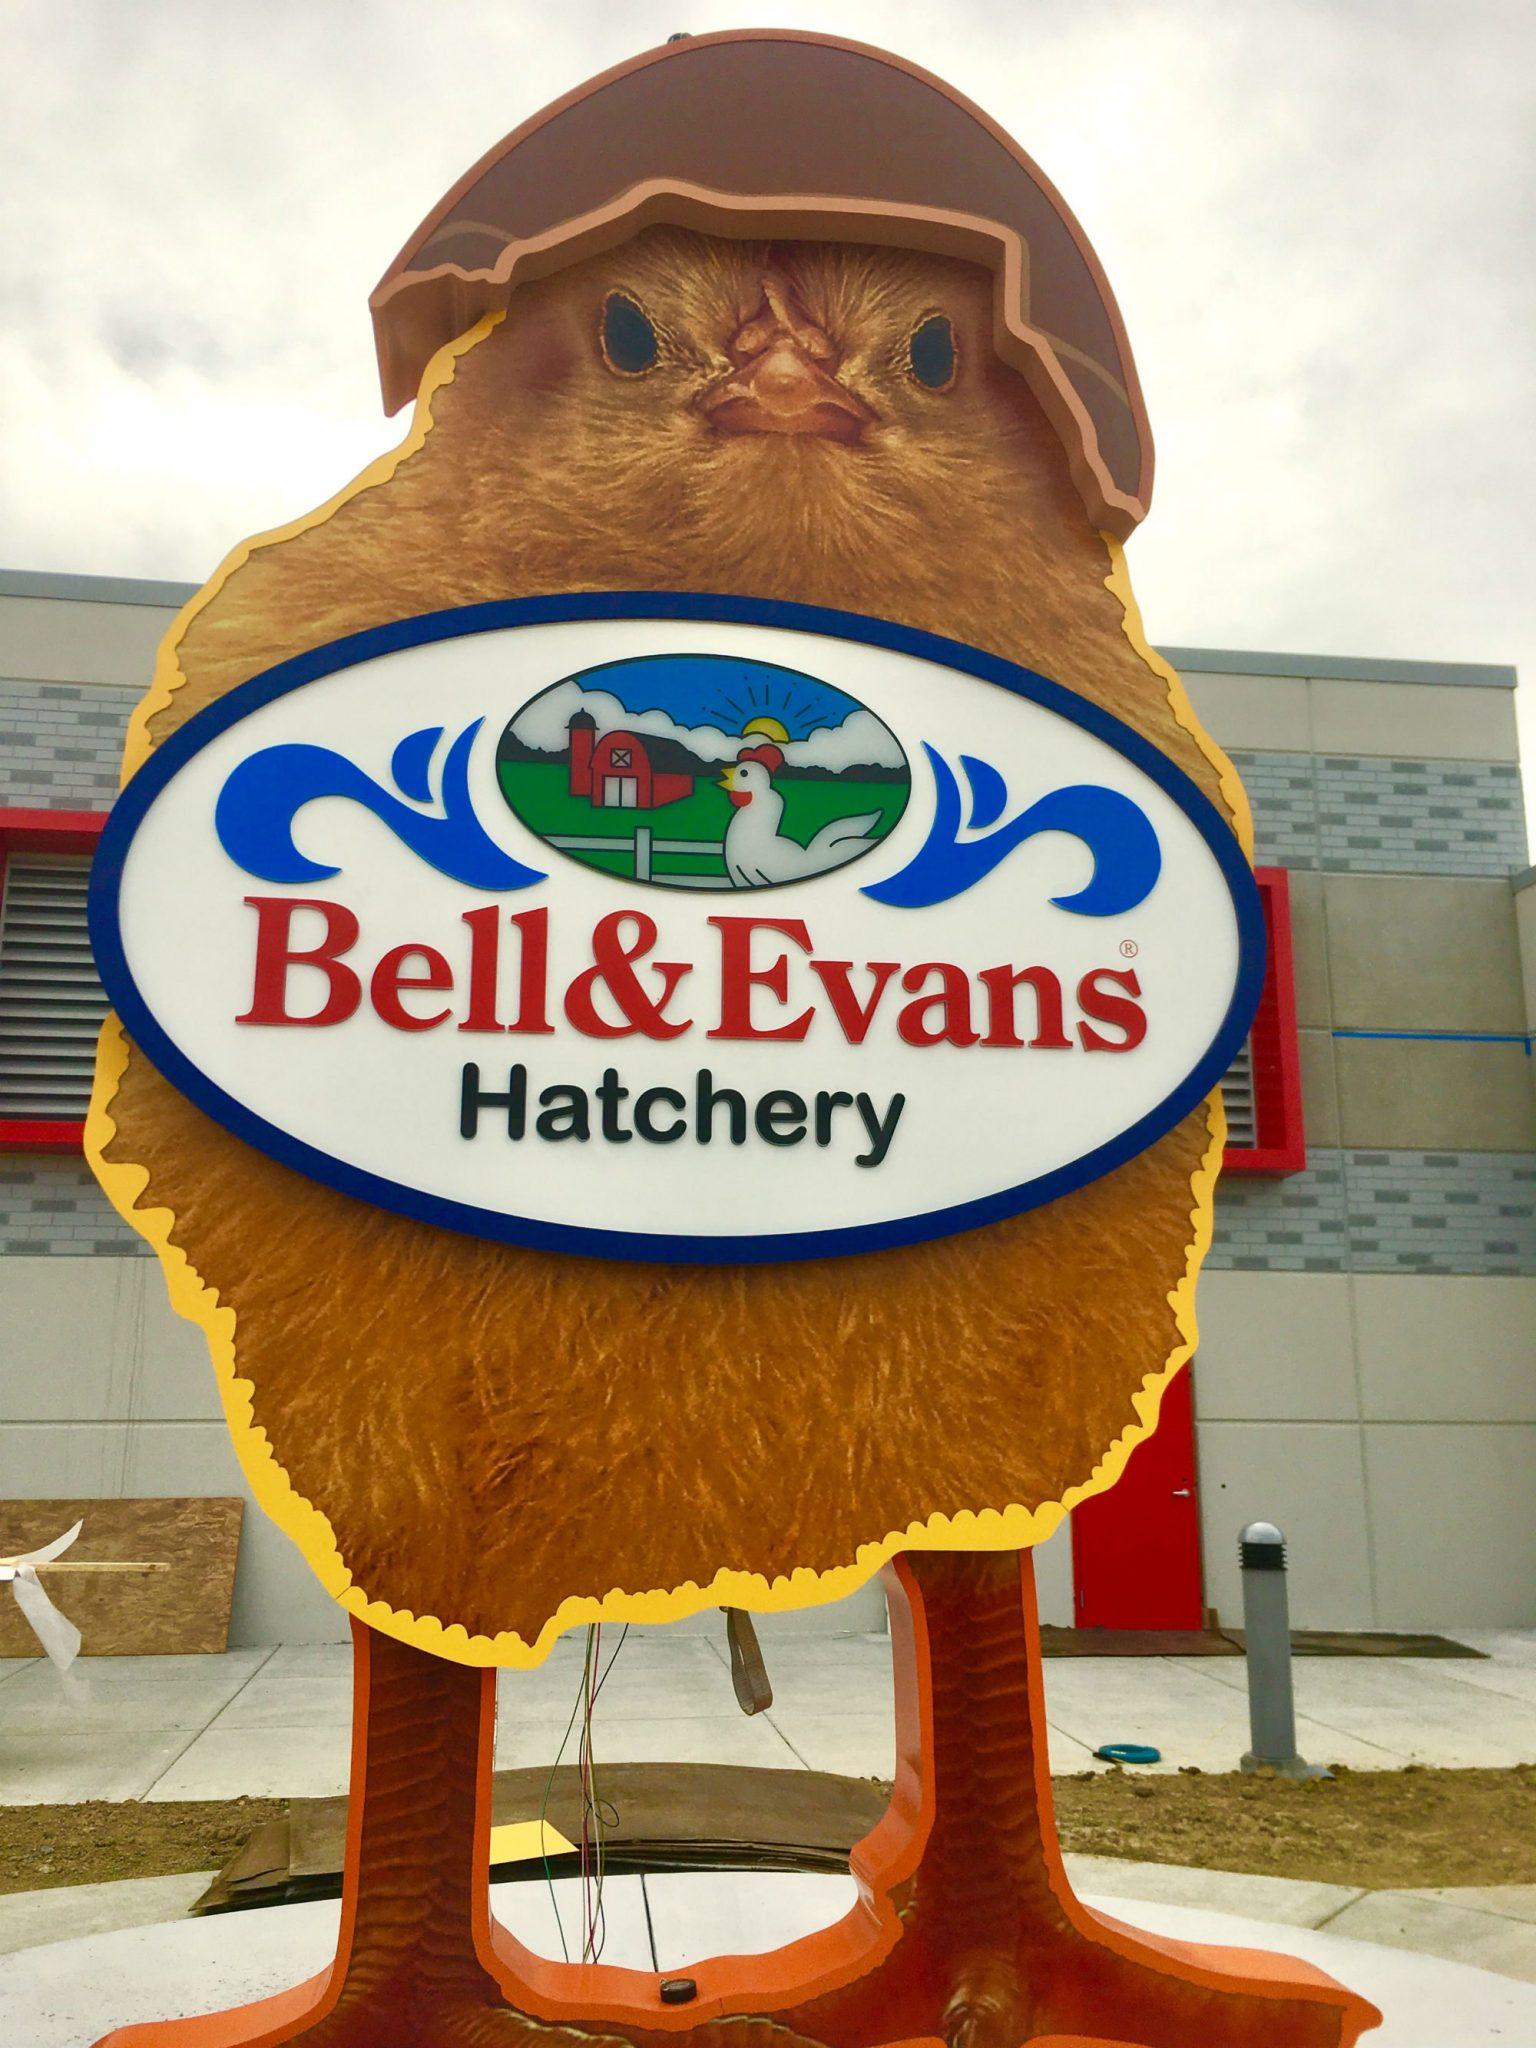 Bell Evans Hatchery